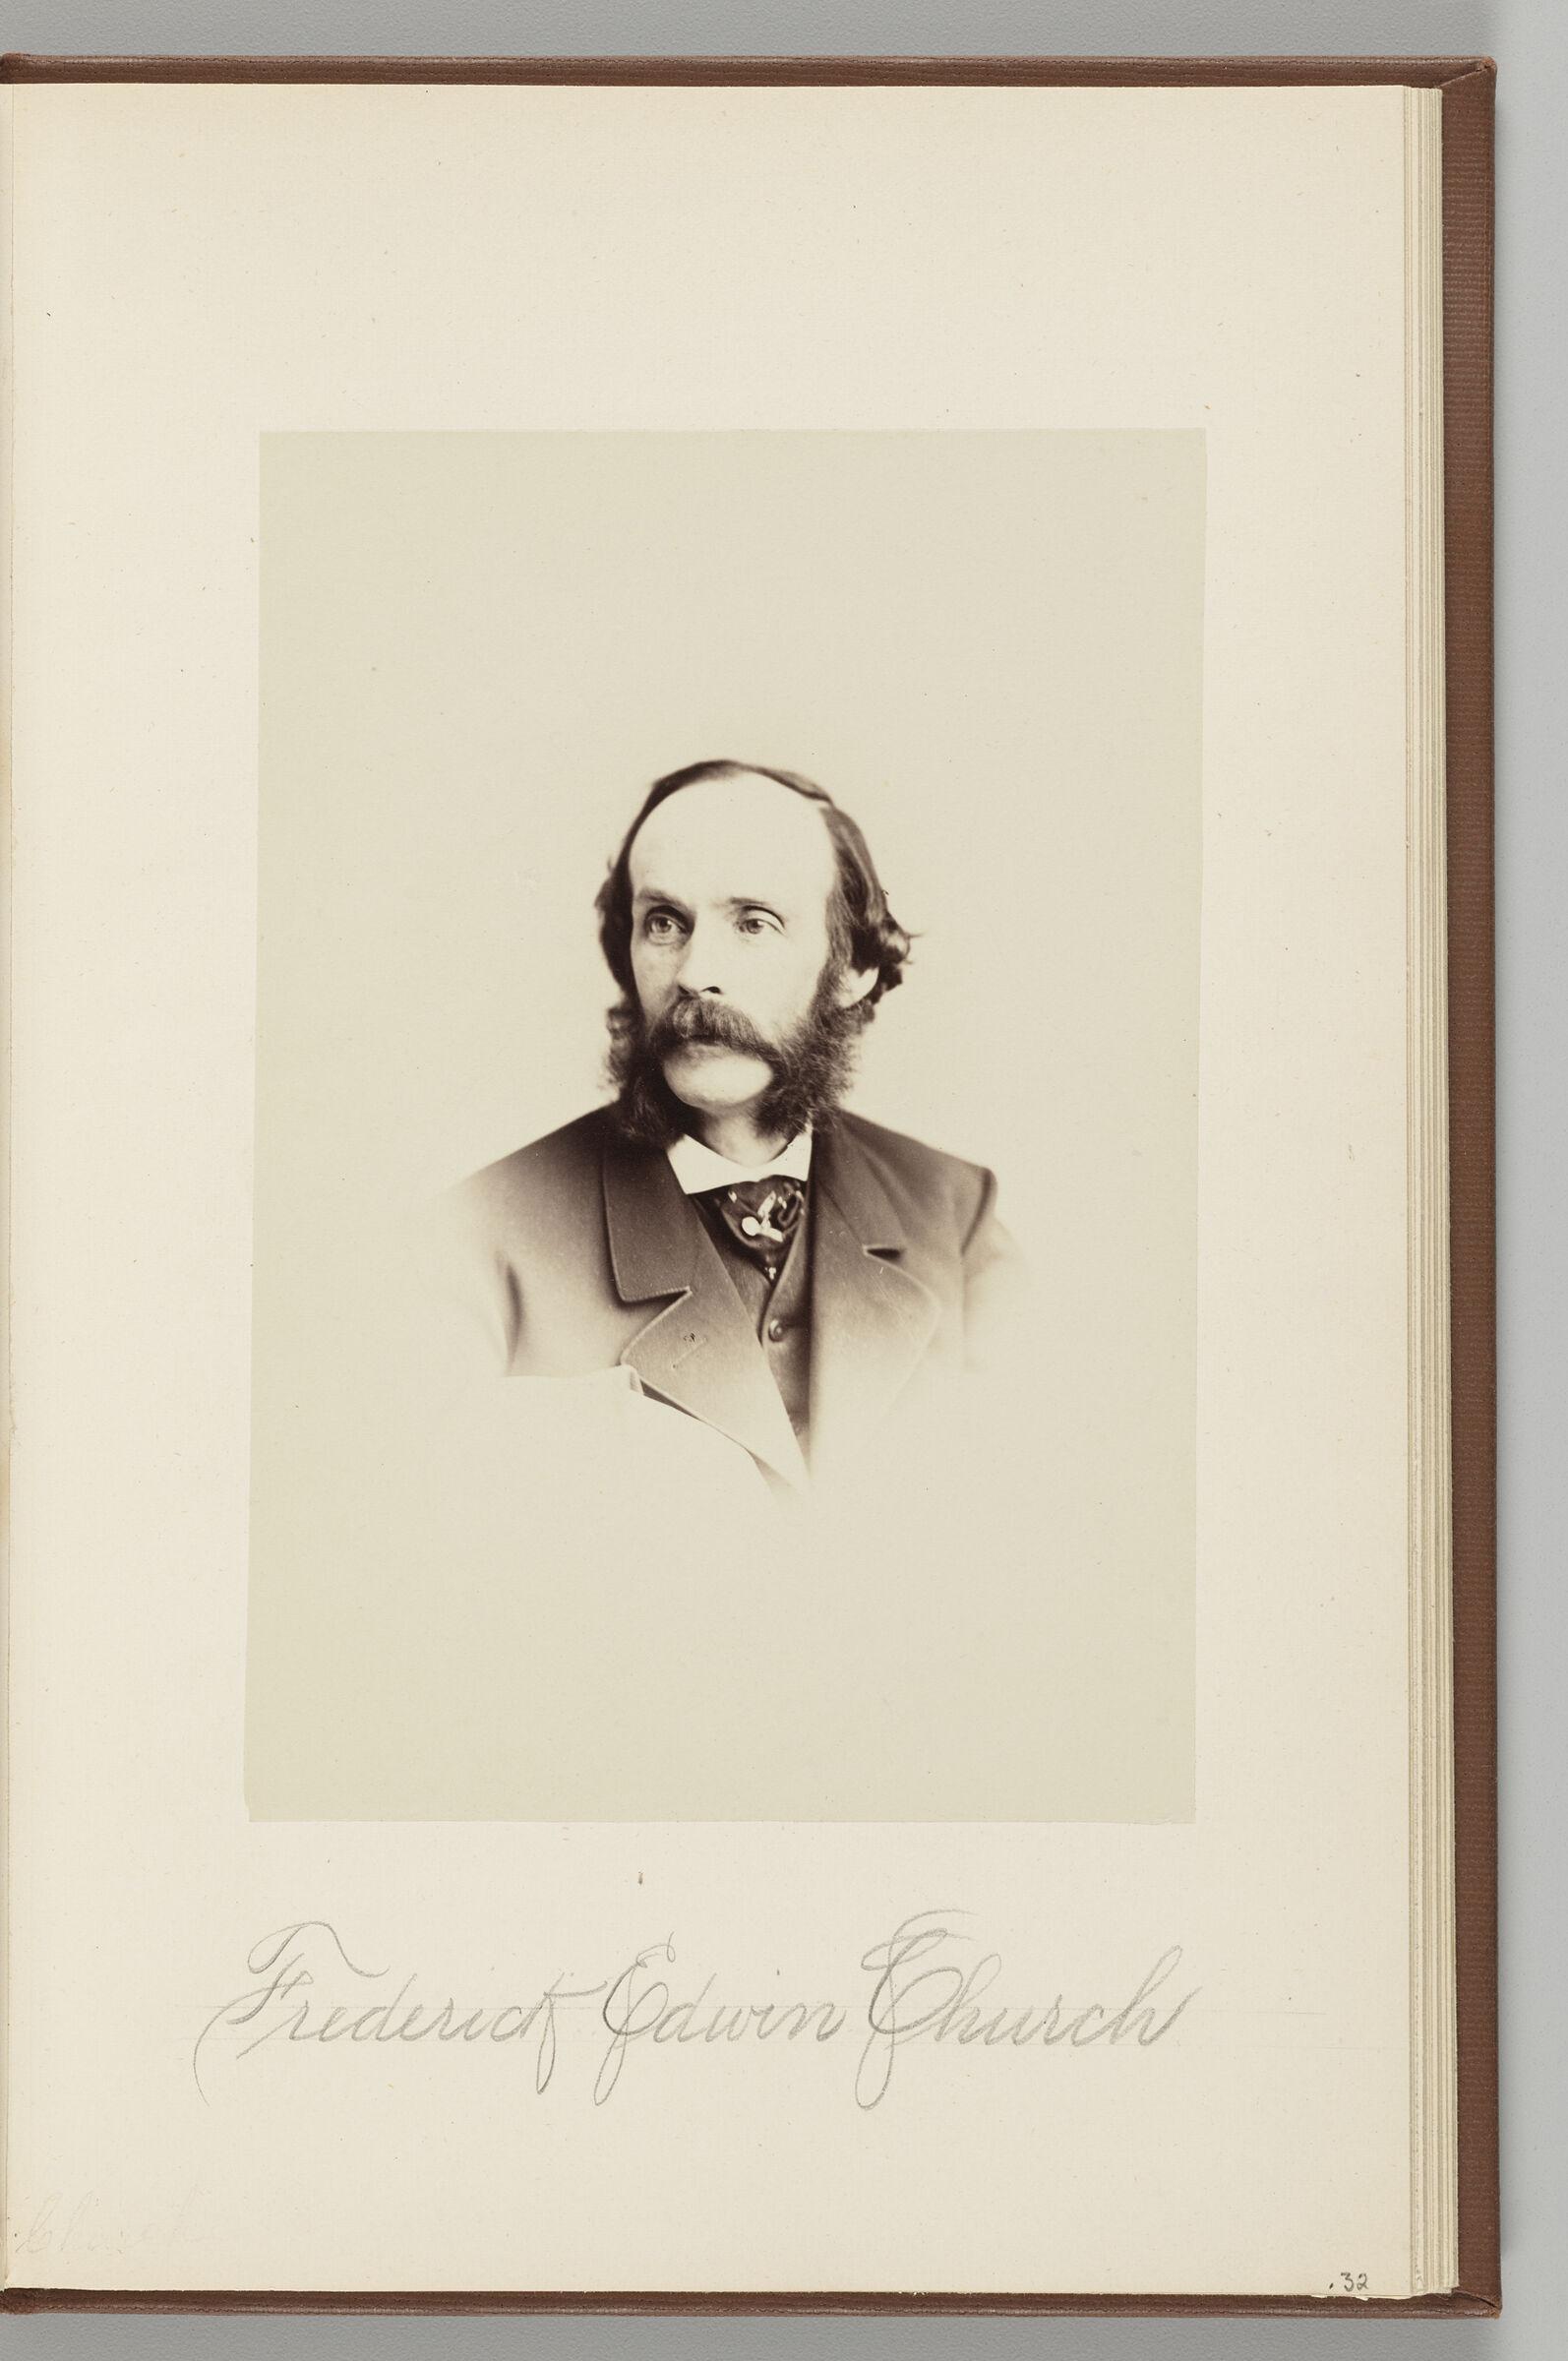 Frederick Edwin Church (1826-1900)